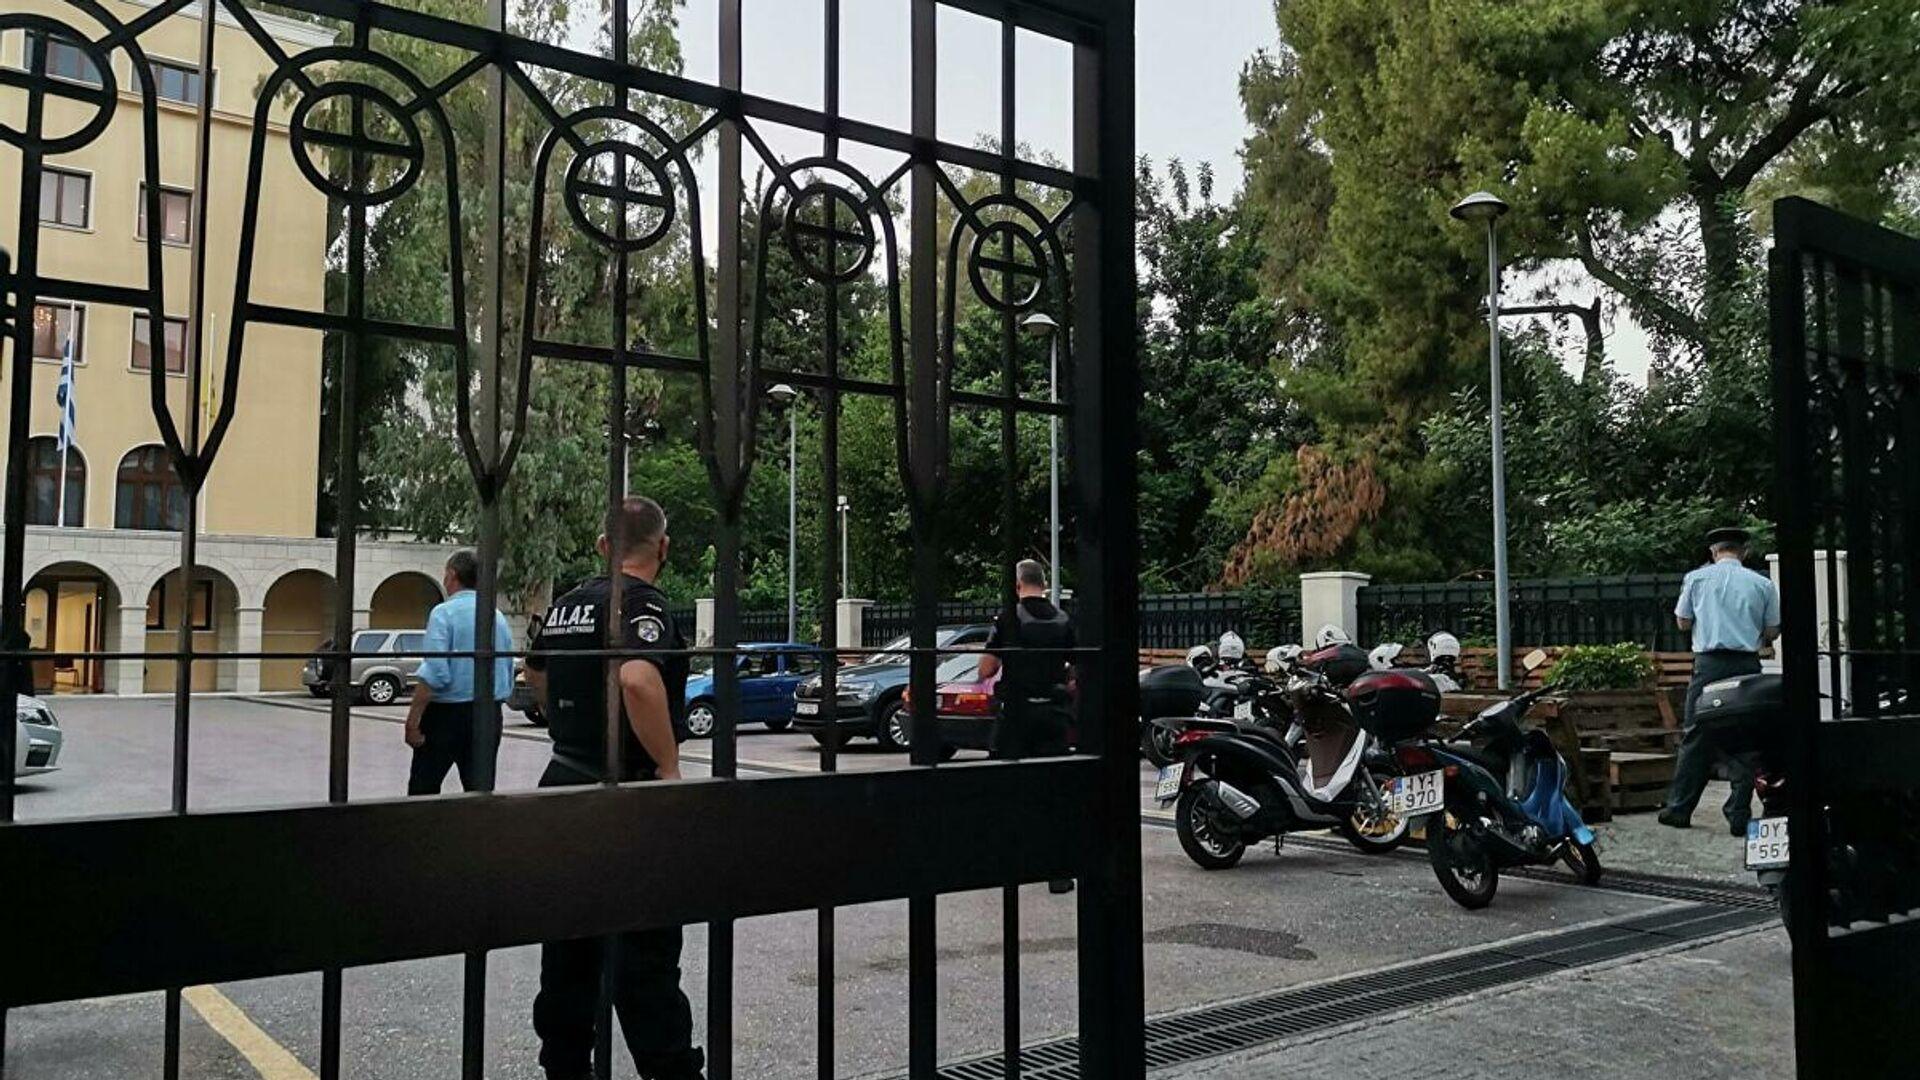 Agenti di polizia greci nel monastero di Petraki ad Atene, dove un sacerdote ha cosparso di acido sette metropoliti durante un processo in chiesa - Sputnik Italia, 1920, 24.06.2021